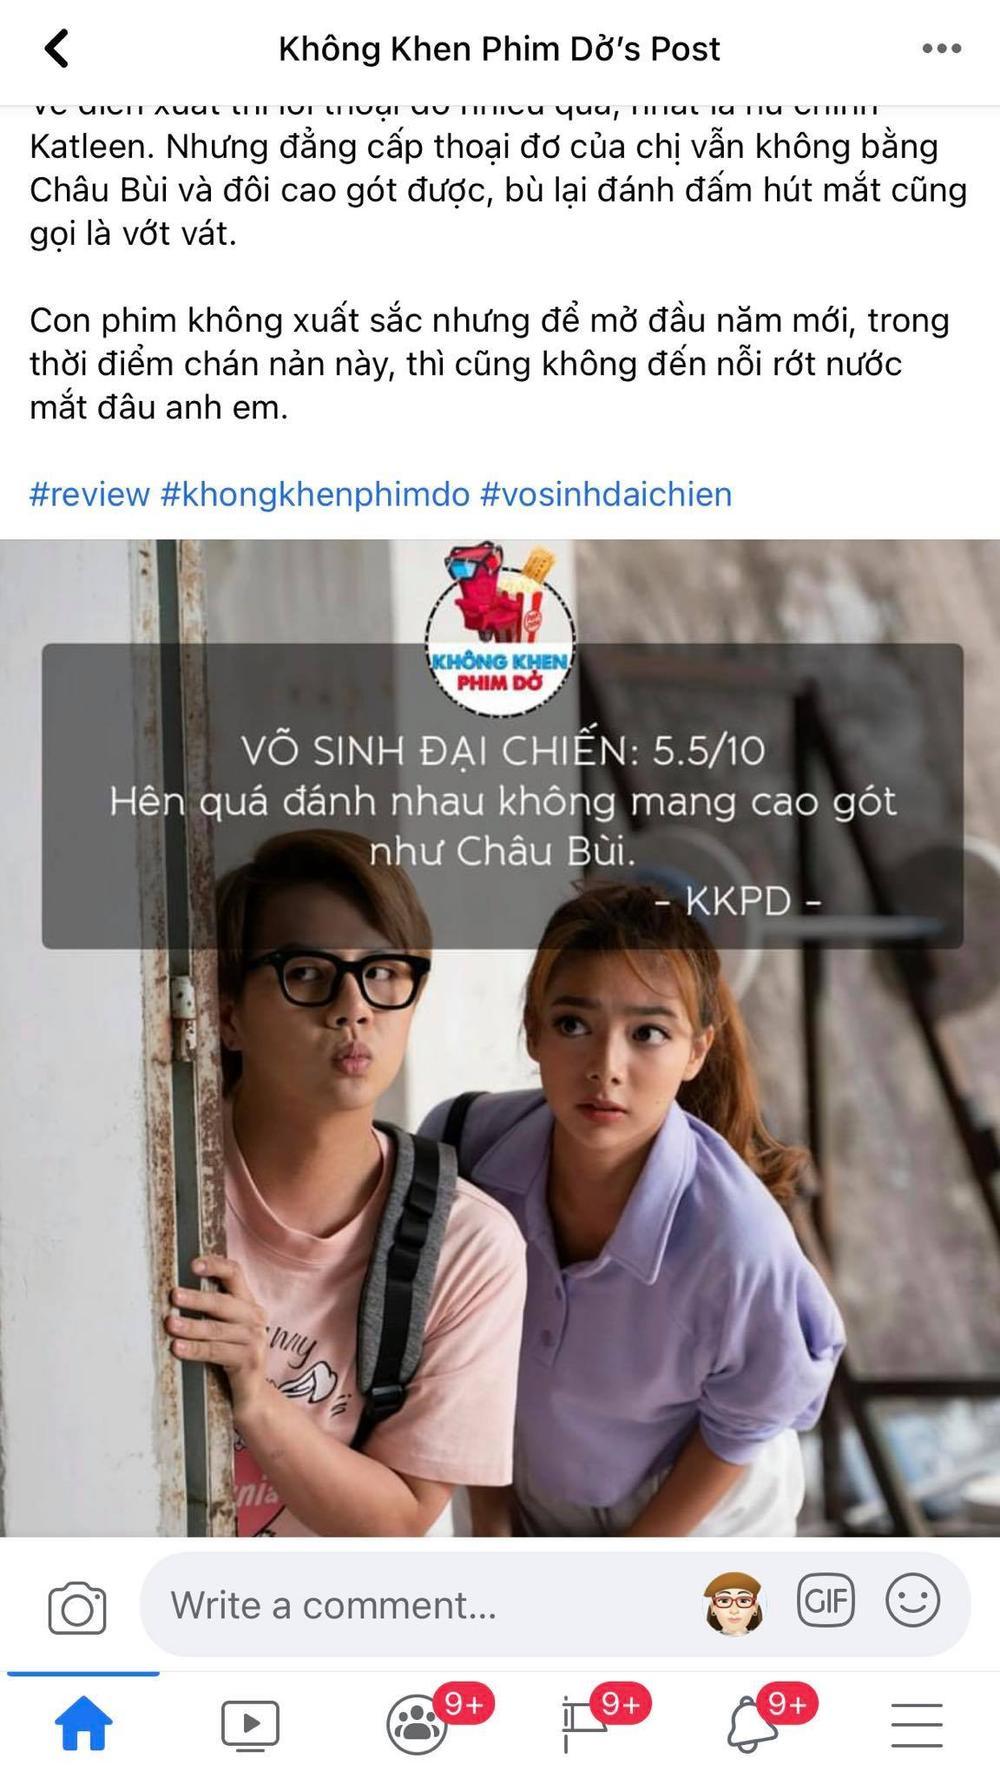 NSX 'Võ sinh đại chiến' tuyên bố rút phim sau 3 ngày ra mắt vì bị 'chèn ép suất chiếu' tại rạp Việt Ảnh 10